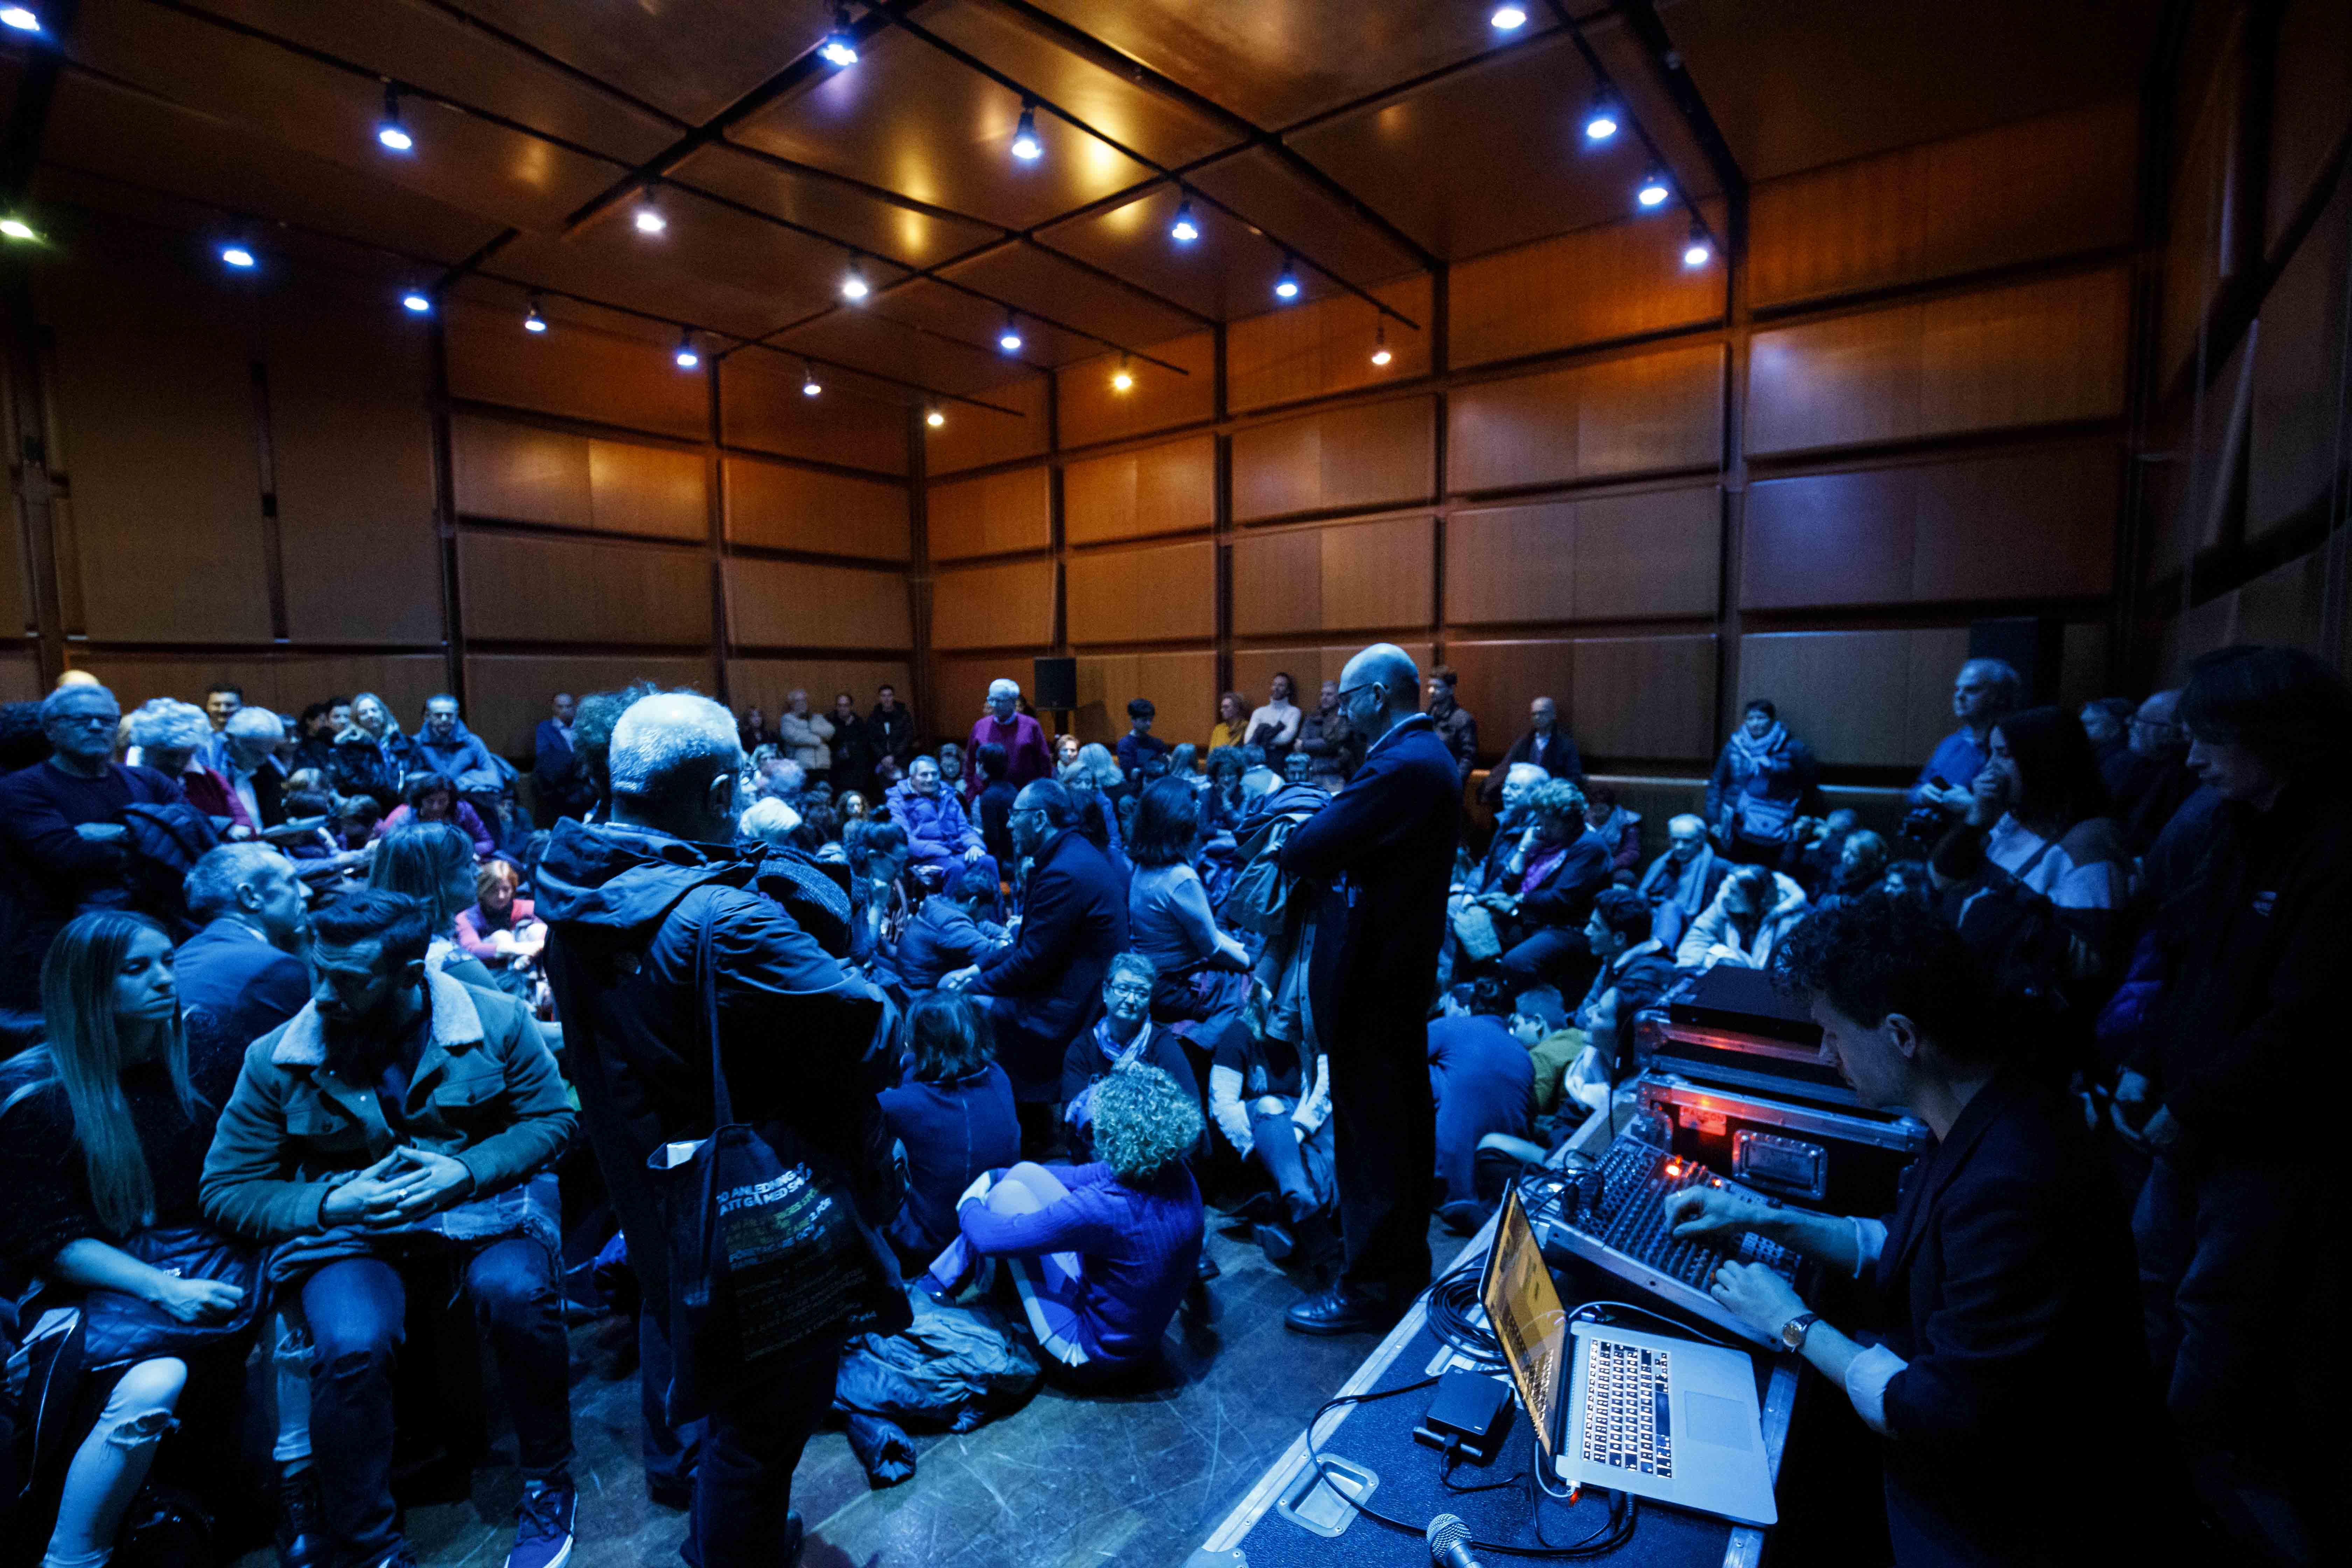 Jacob Kirkegaard, Aurora Borealis Live Concert, Equilibrio Festival 2019. Roma, Auditorium Parco della Musica, 10-02-2019 serata inaugurale ©Fondazione Musica per Roma / foto Musacchio-Ianniello-Pasqualini